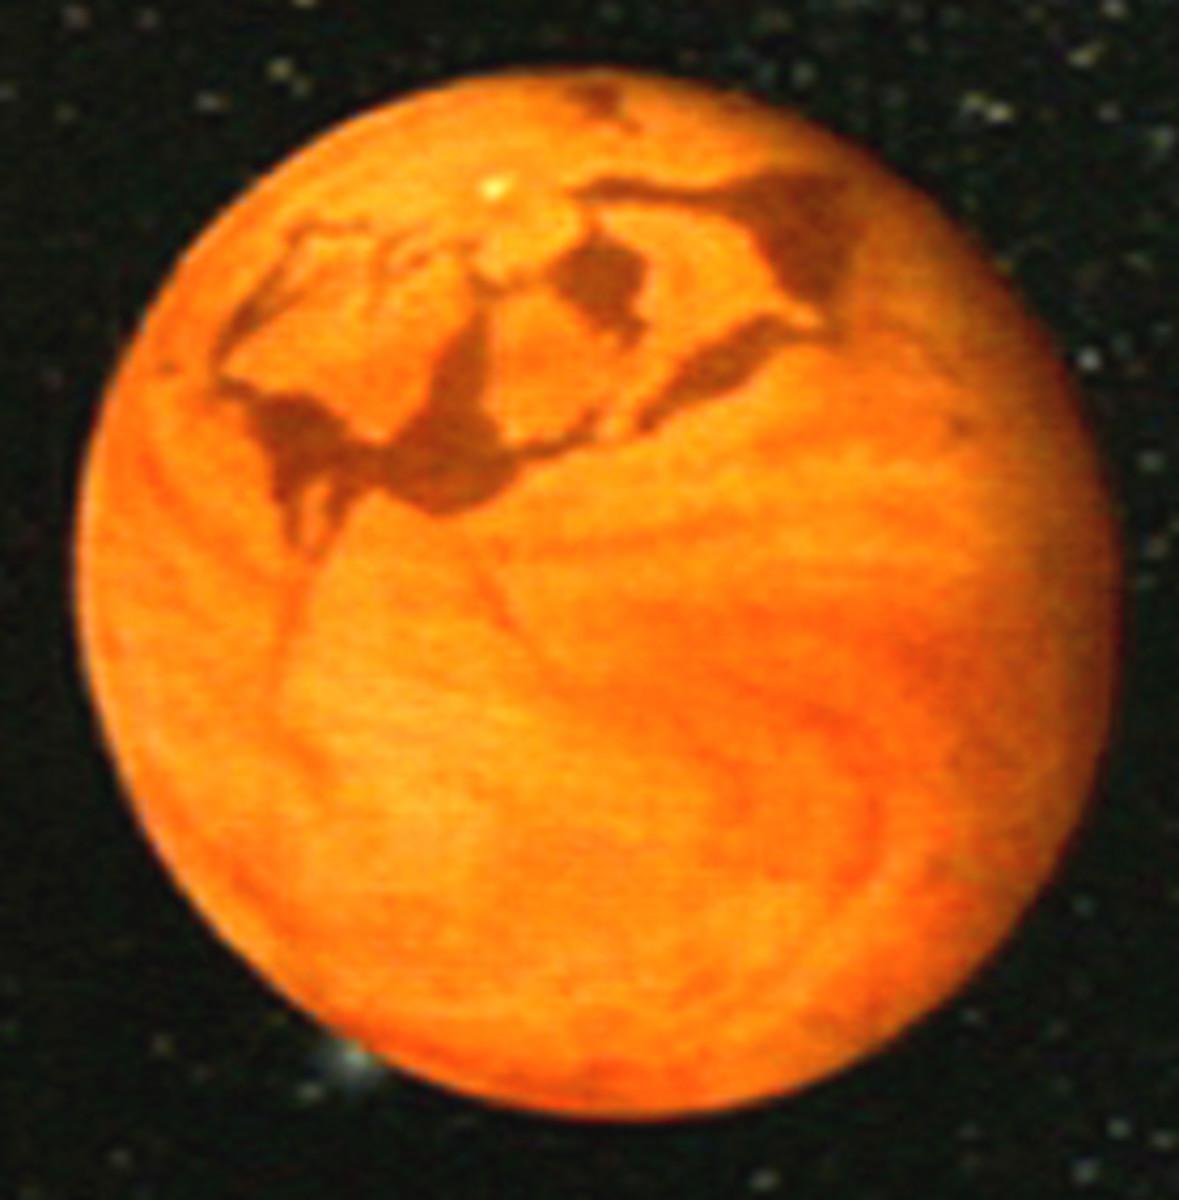 Arrakis.  Dune.  The Desert Planet of Frank Herbert's Dune series.